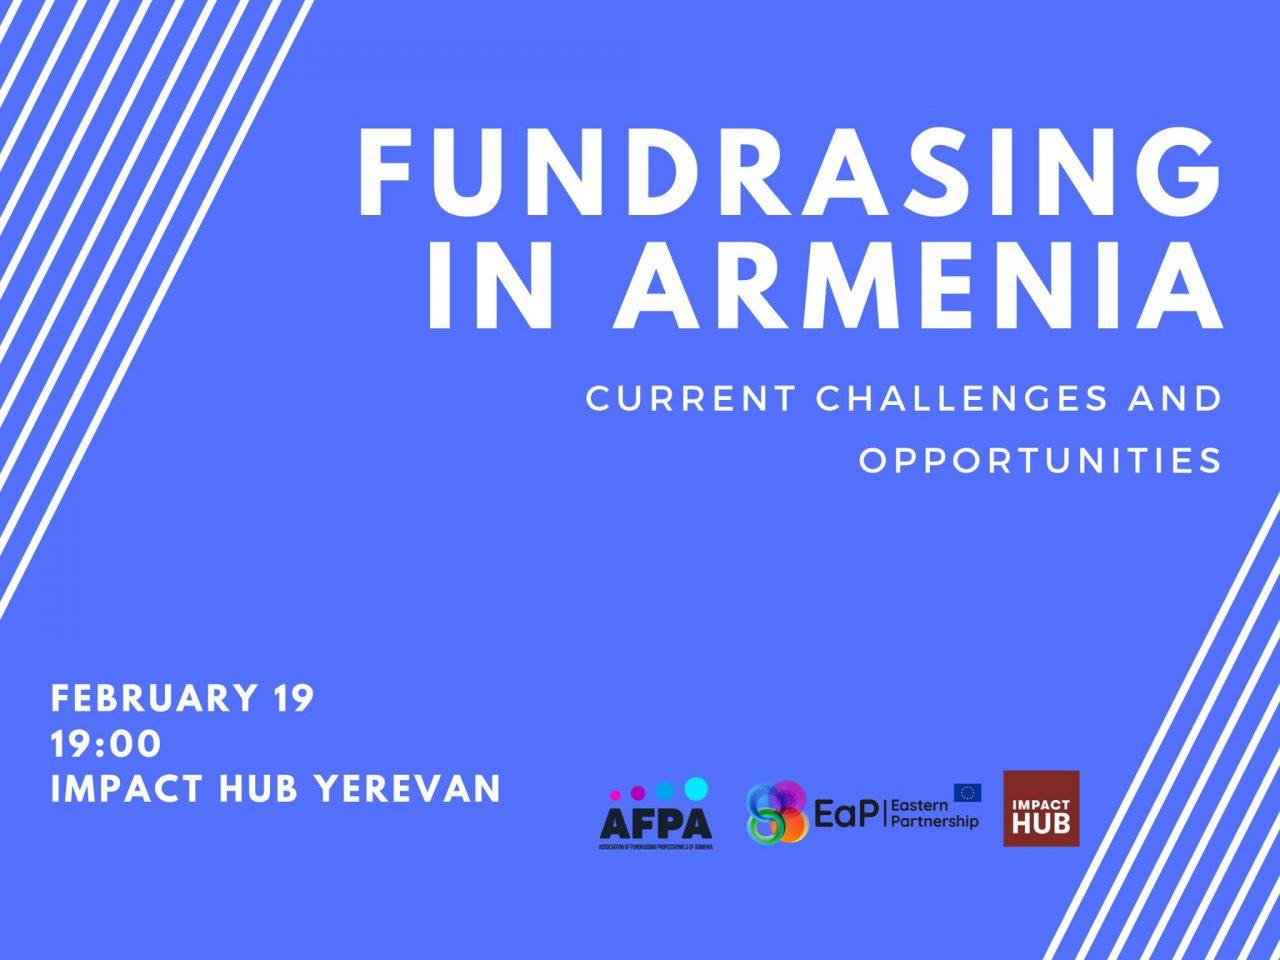 Ֆոնդահայթայթումը Հայաստանում․ ներկա մարտահրավերներն ու հնարավորությունները